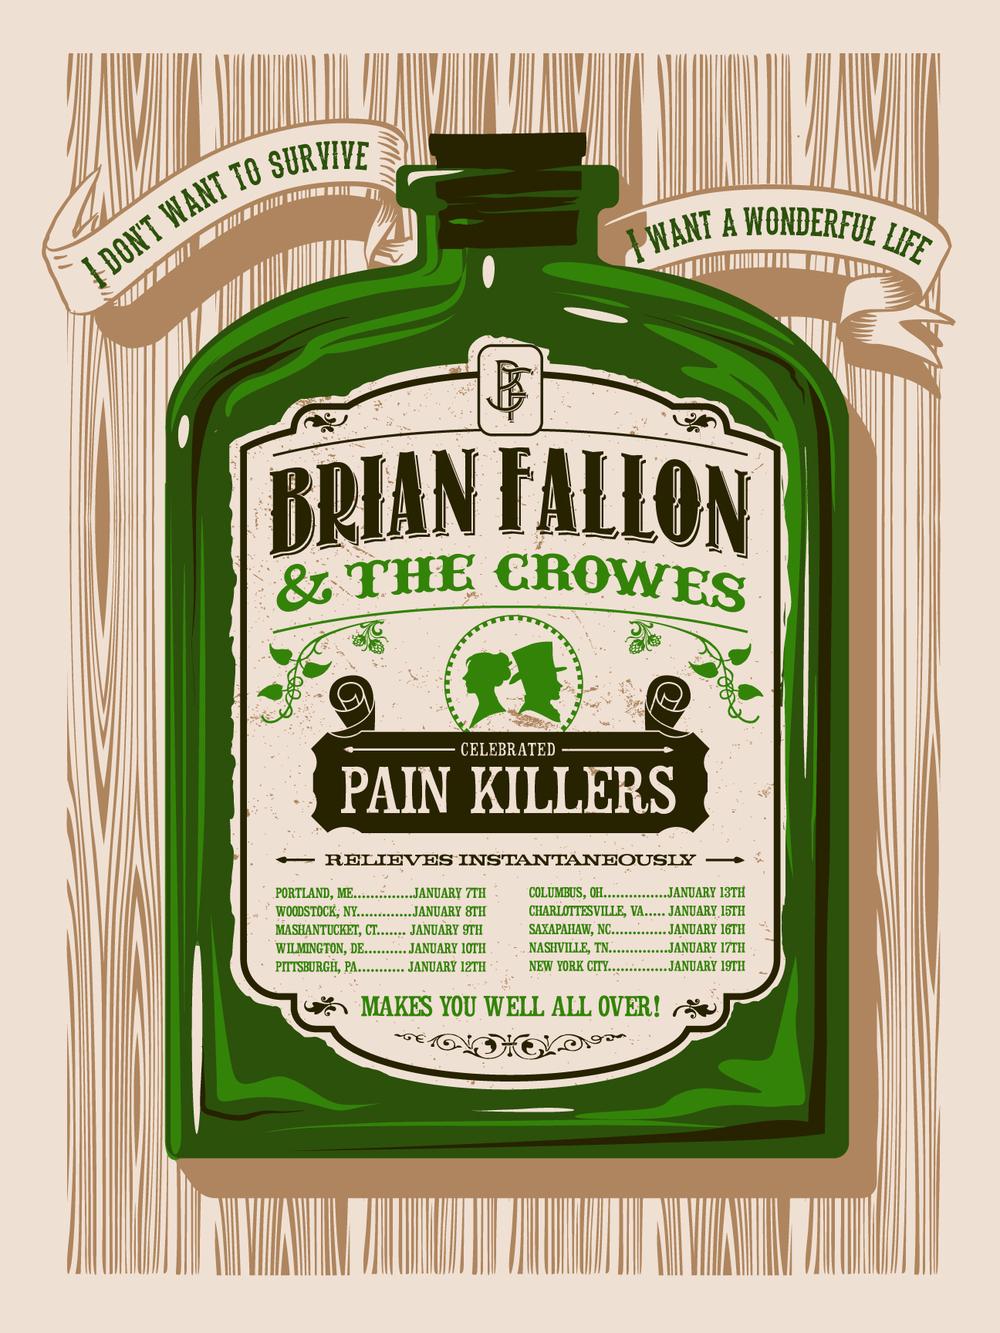 BrianFallon2016.jpg